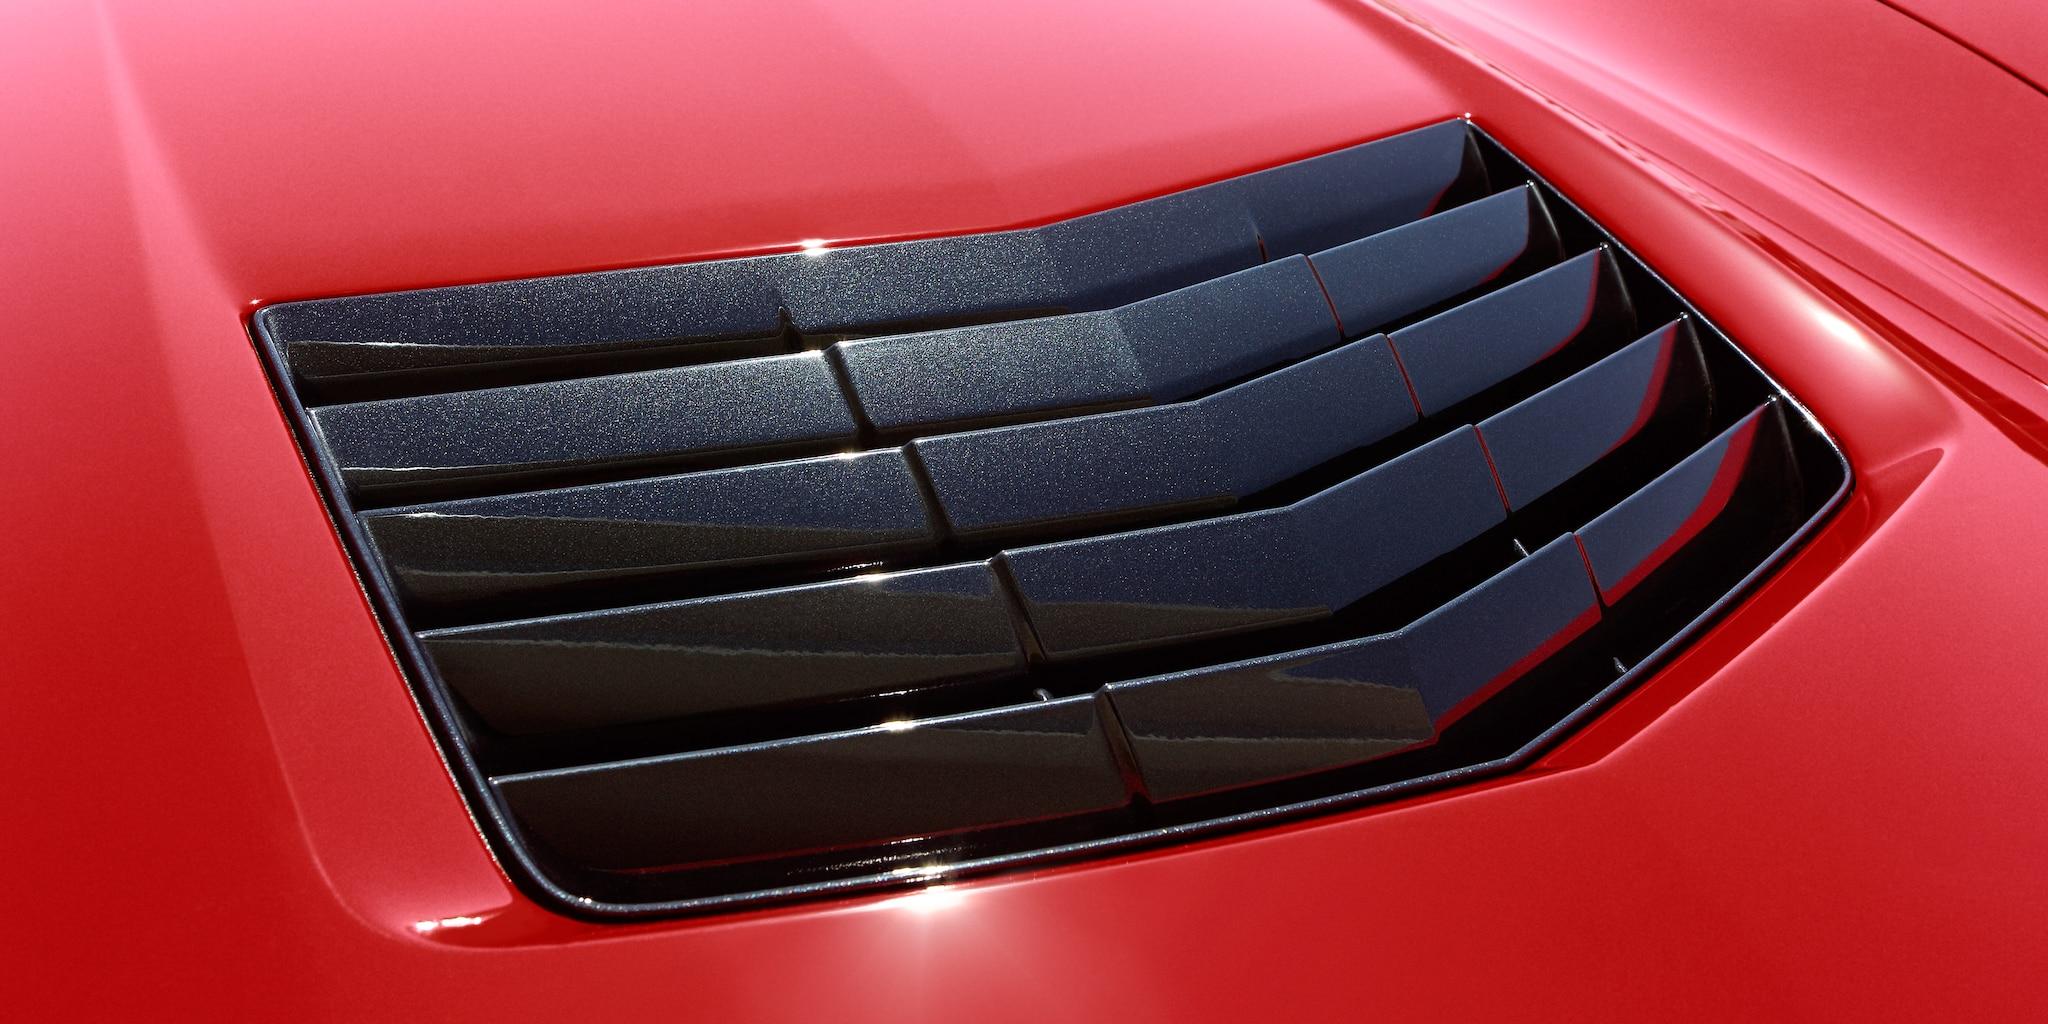 Diseño del auto deportivo Corvette Stingray 2019: Extractor del cofre